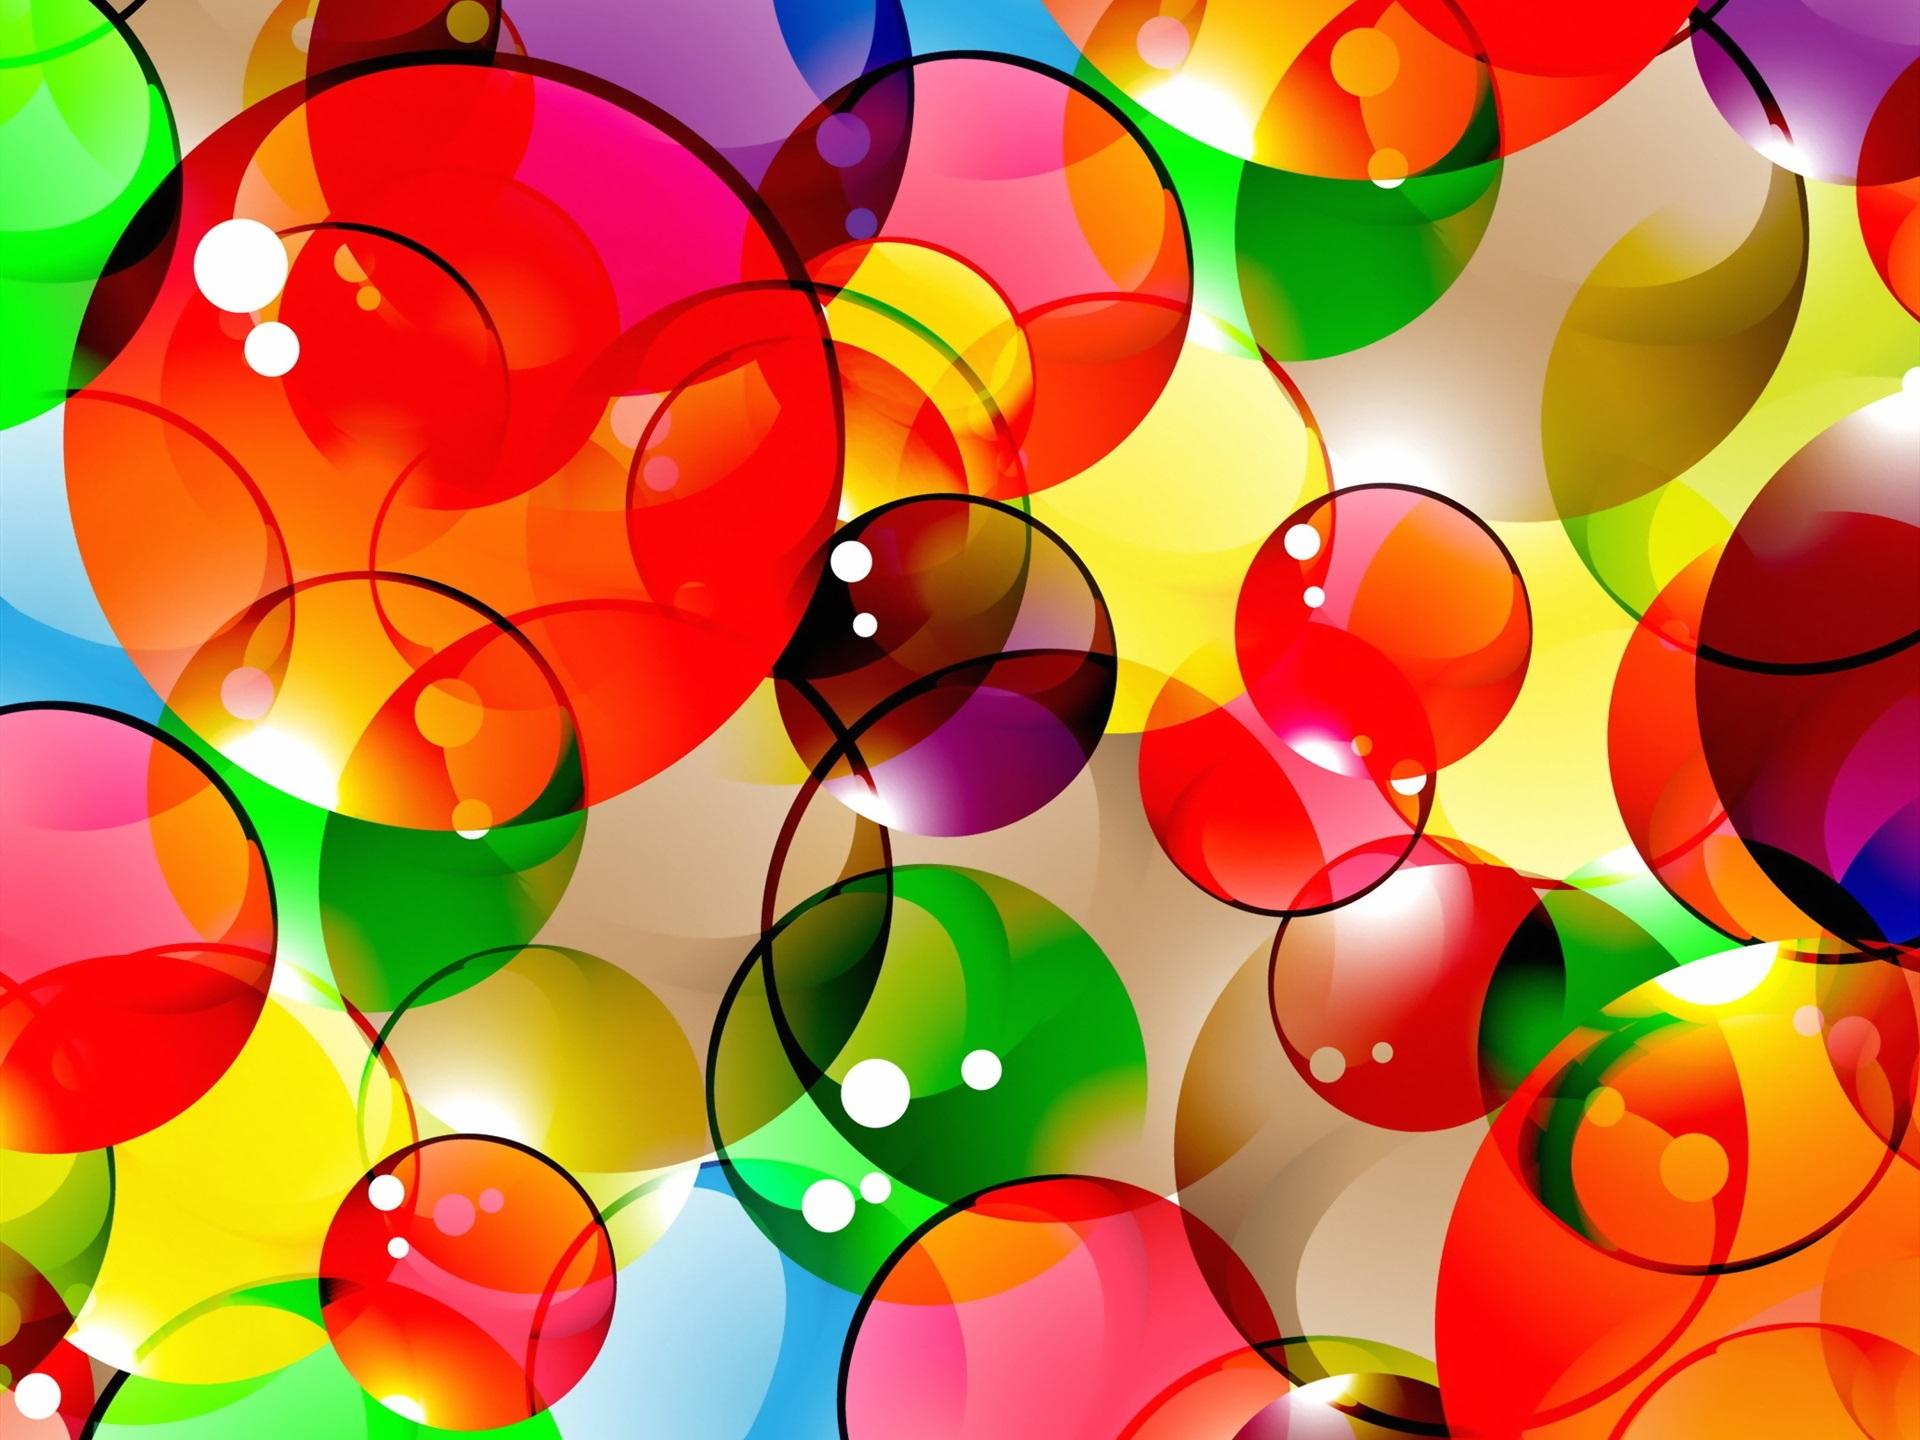 Fondo De Pantalla Abstracto Flores Y Circulos: Fondos De Pantalla Fondo Colorido Abstracto, Burbujas